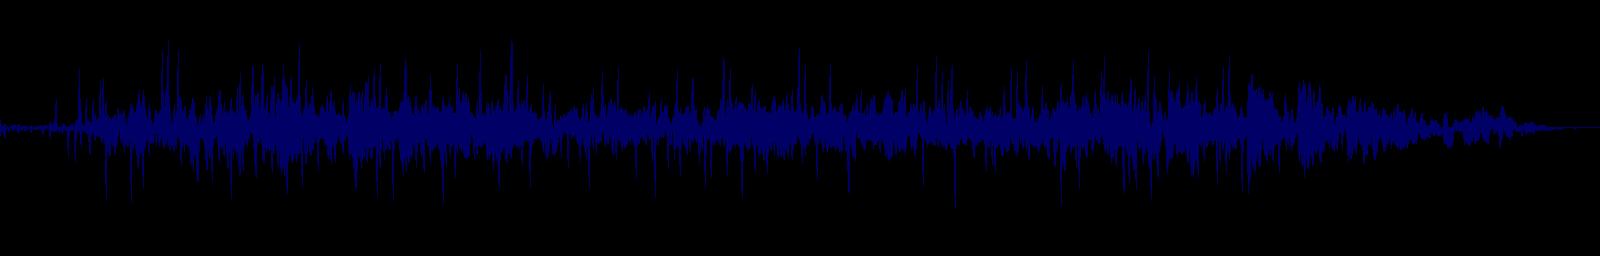 waveform of track #154317